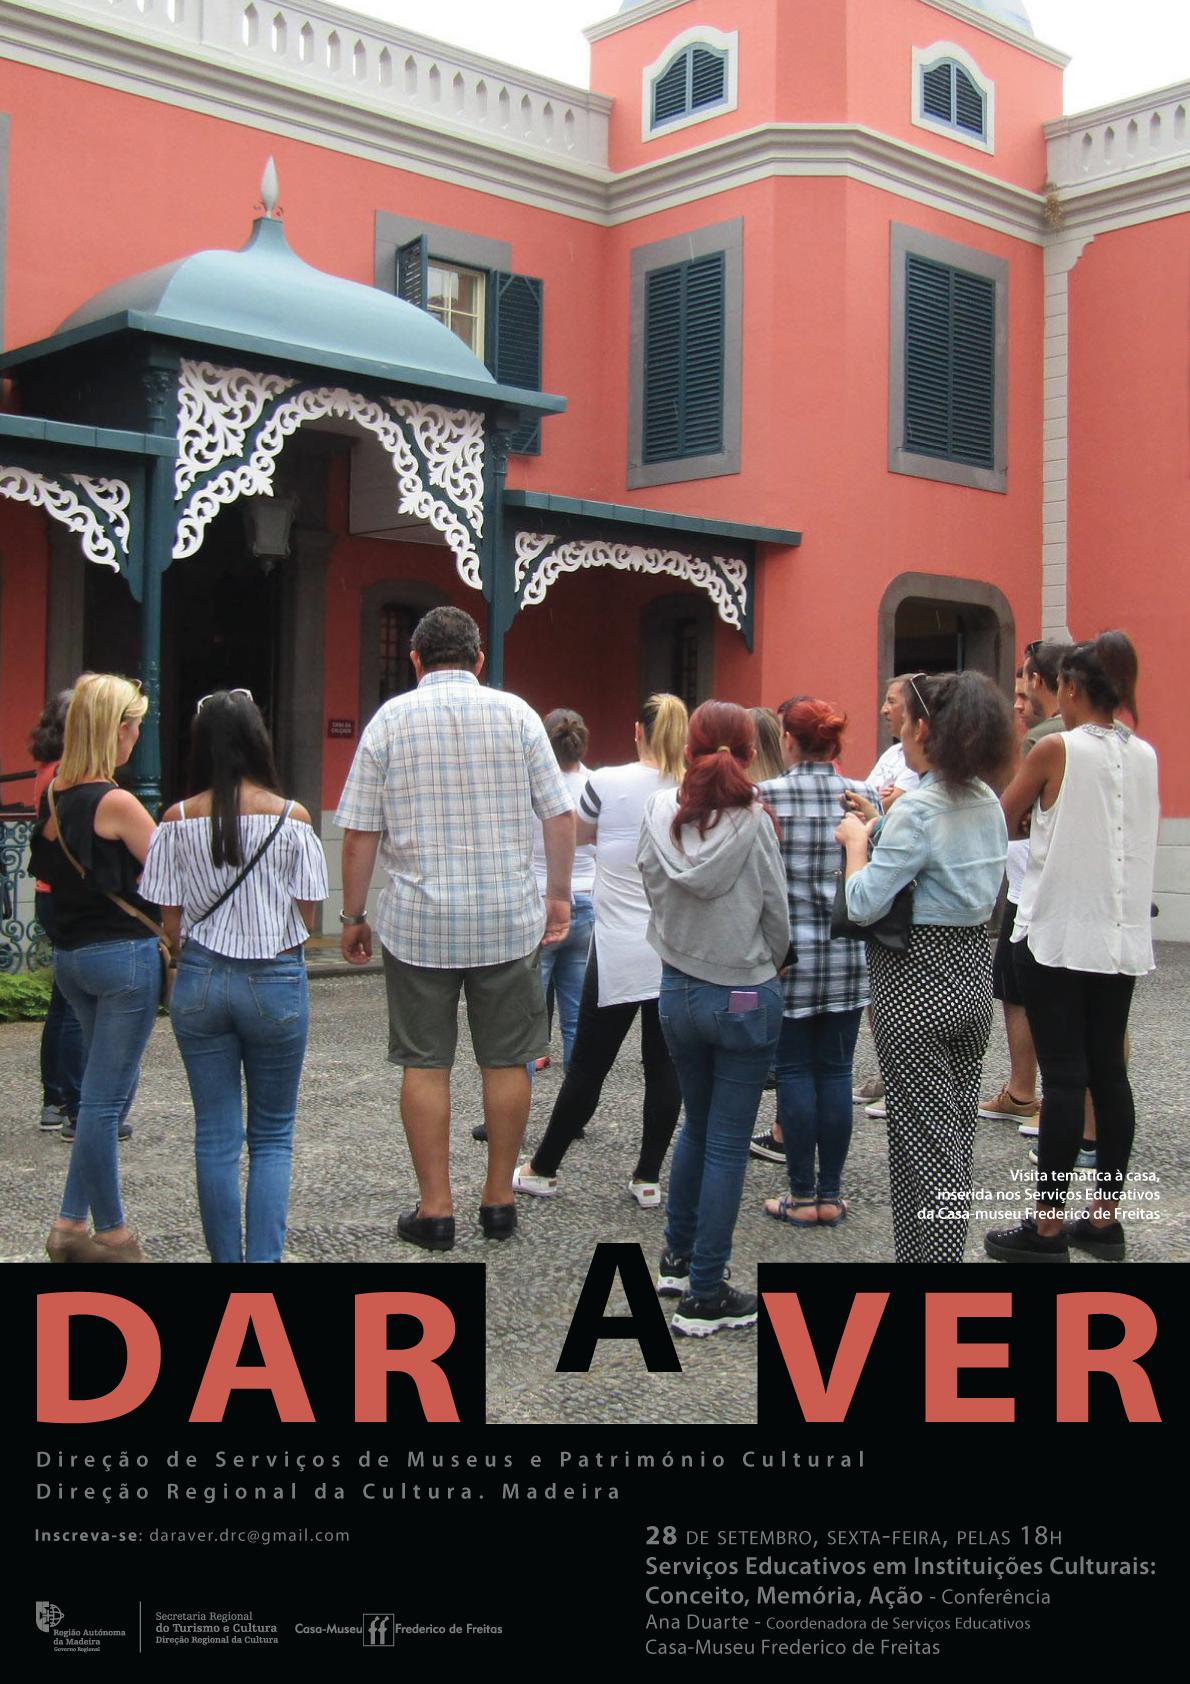 """Projeto """"Dar a Ver"""" regressa, nesta sexta-feira e sábado, à Casa-Museu Frederico de Freitas"""